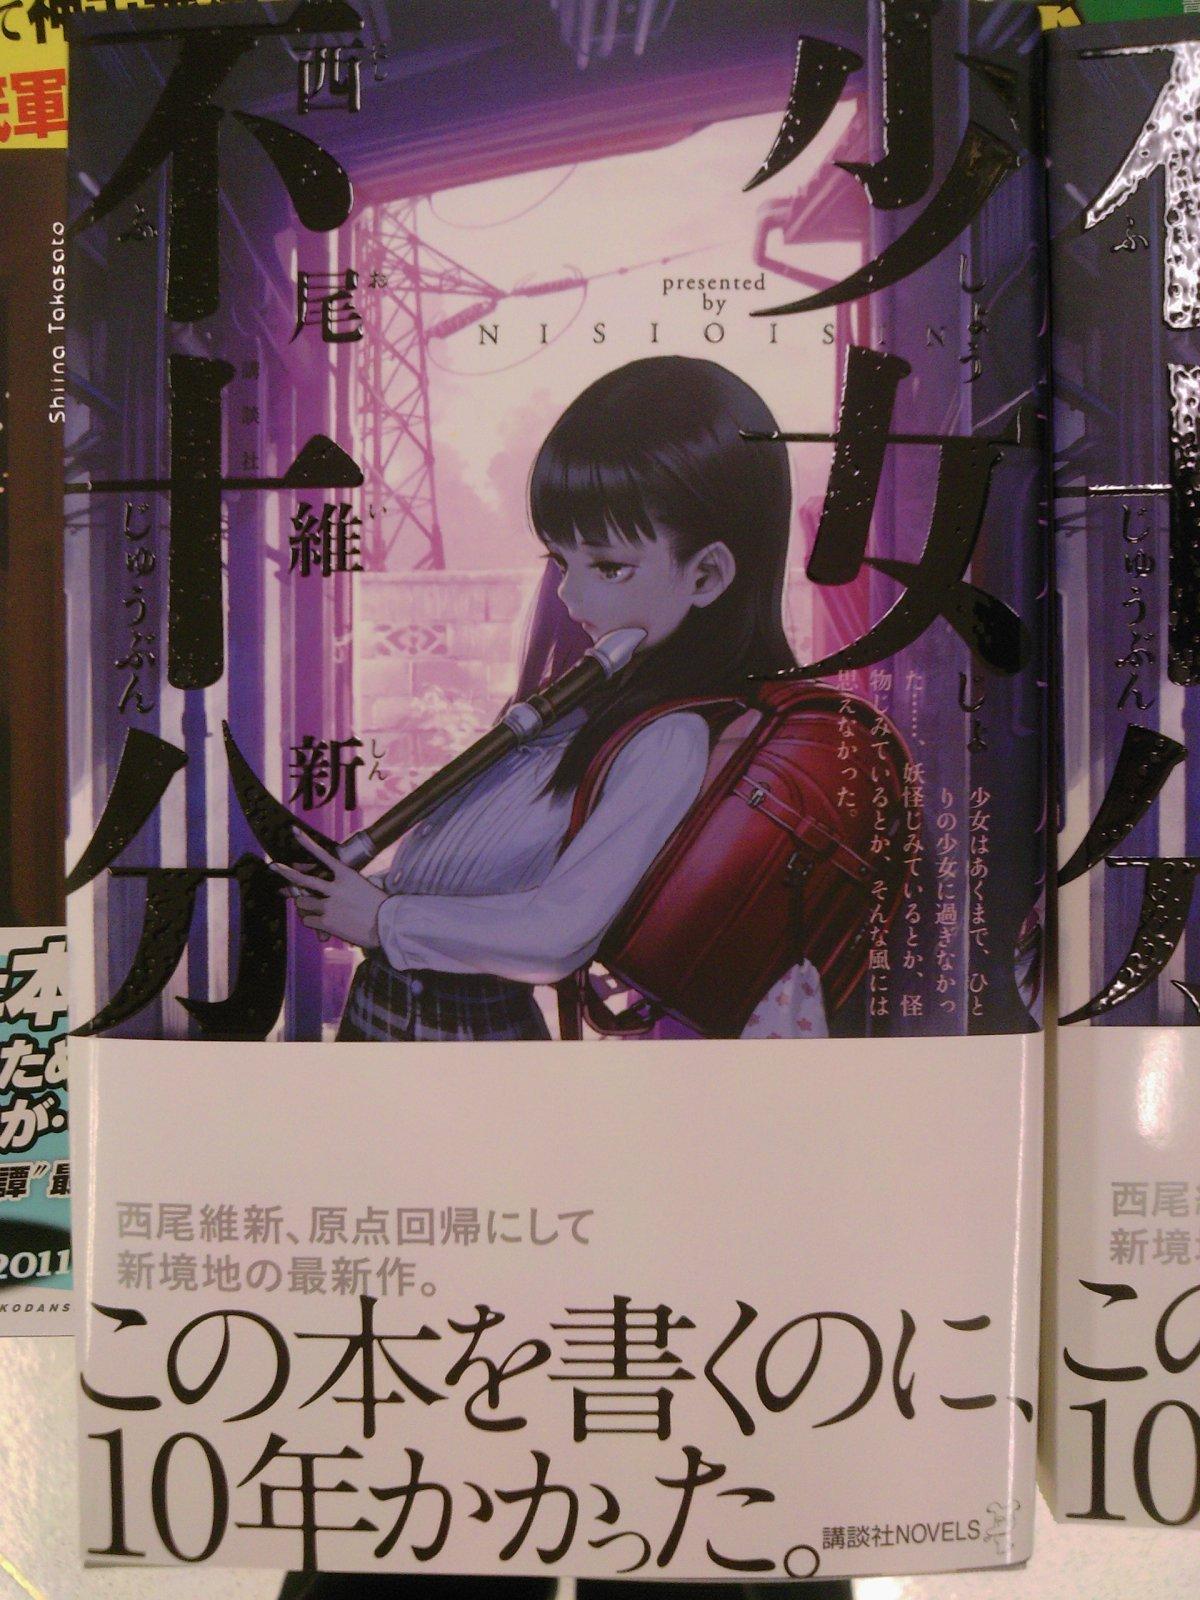 西尾維新さん書き下ろし最新刊「少女不十分」 本日9月7日発売!(9月7日 ...